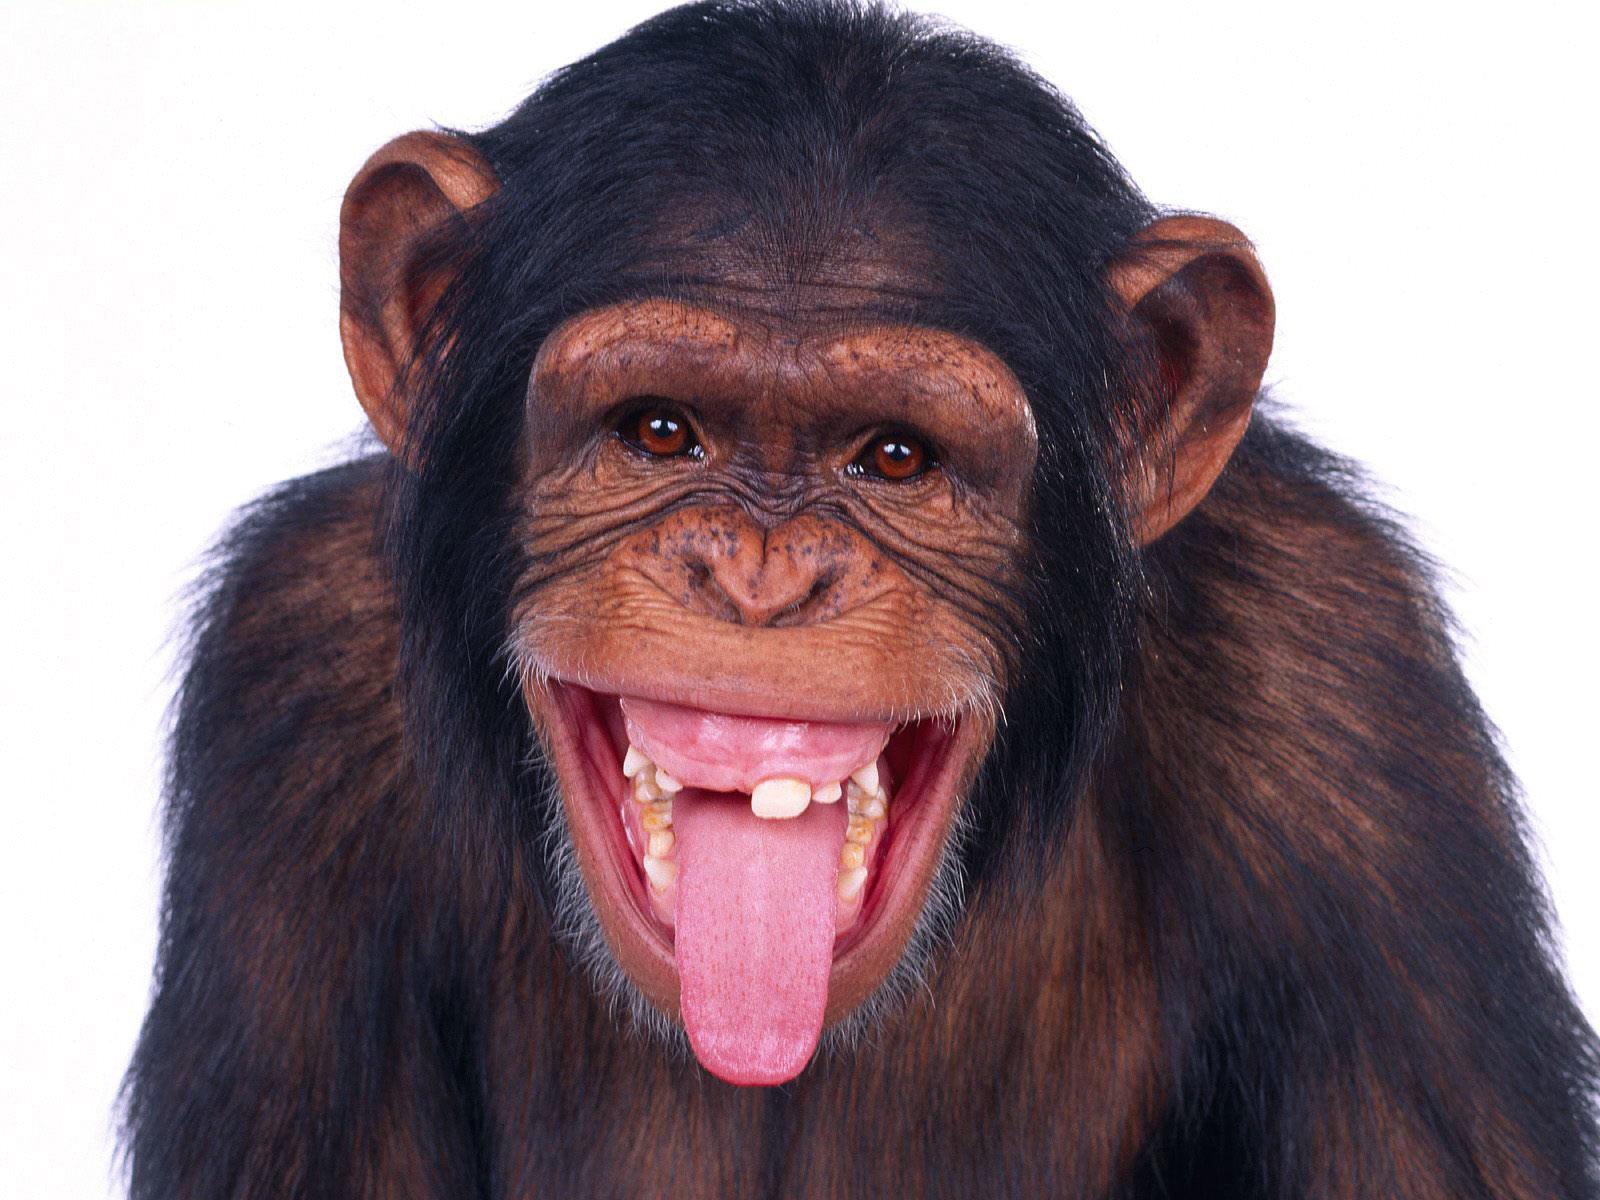 картинки на рабочий стол прикольные обезьяны